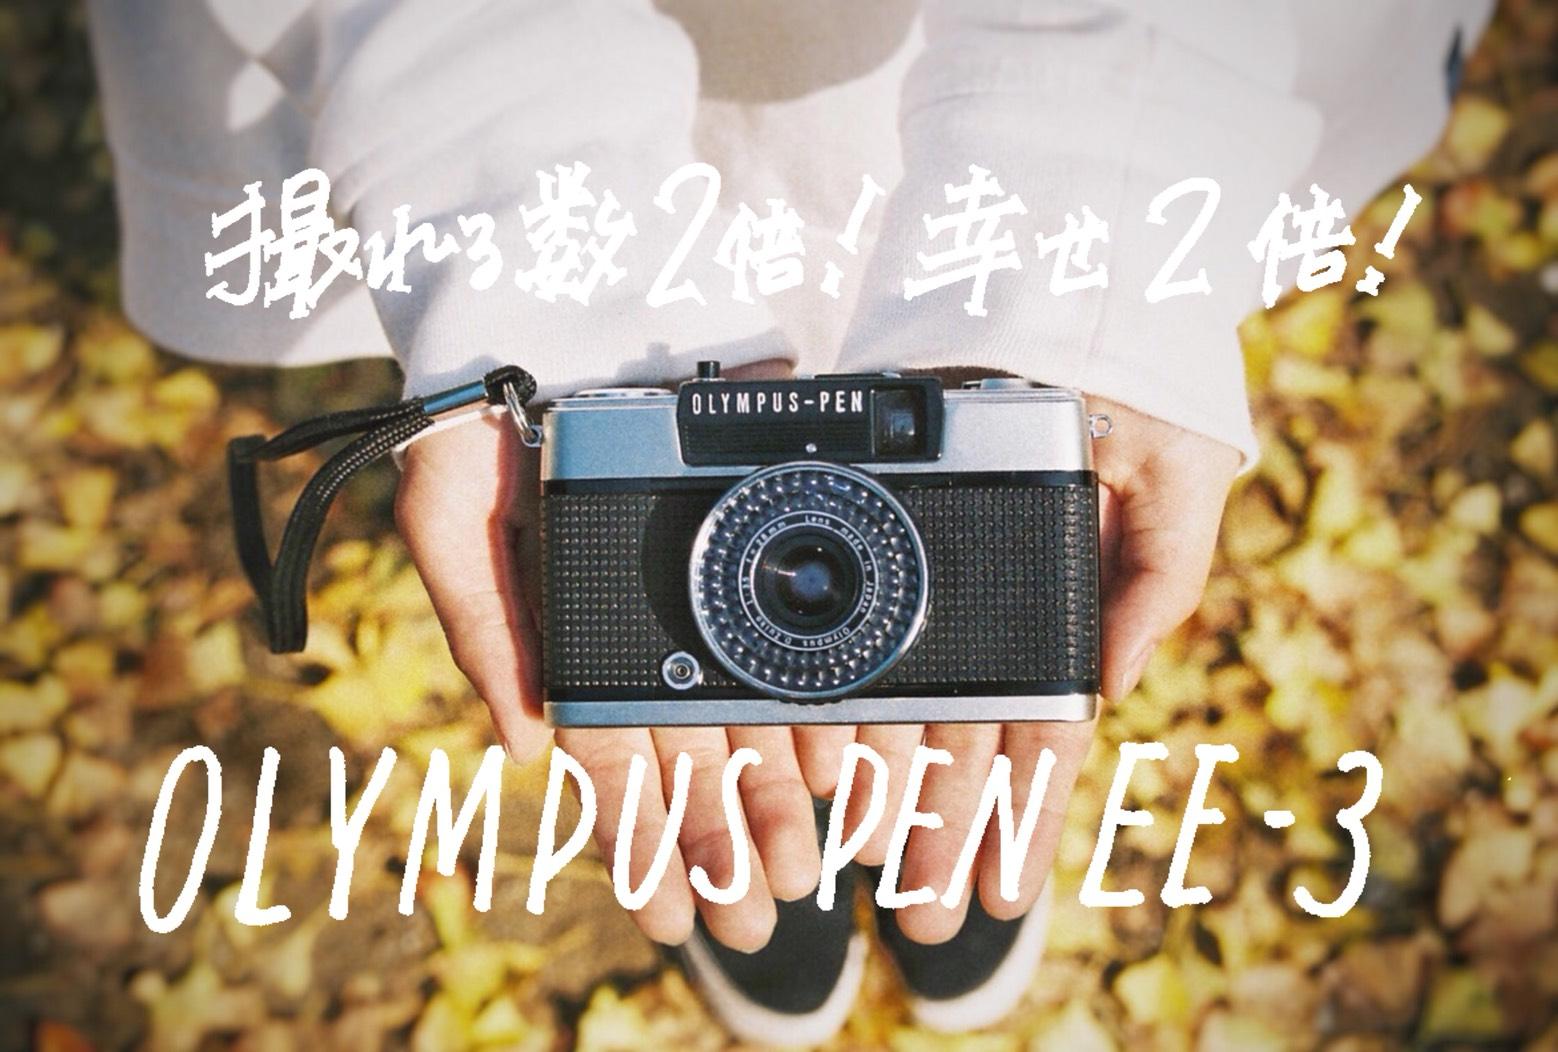 撮れる数2倍!幸せ2倍!物語を紡ぐハーフサイズカメラ「OLYMPUS PEN EE3」